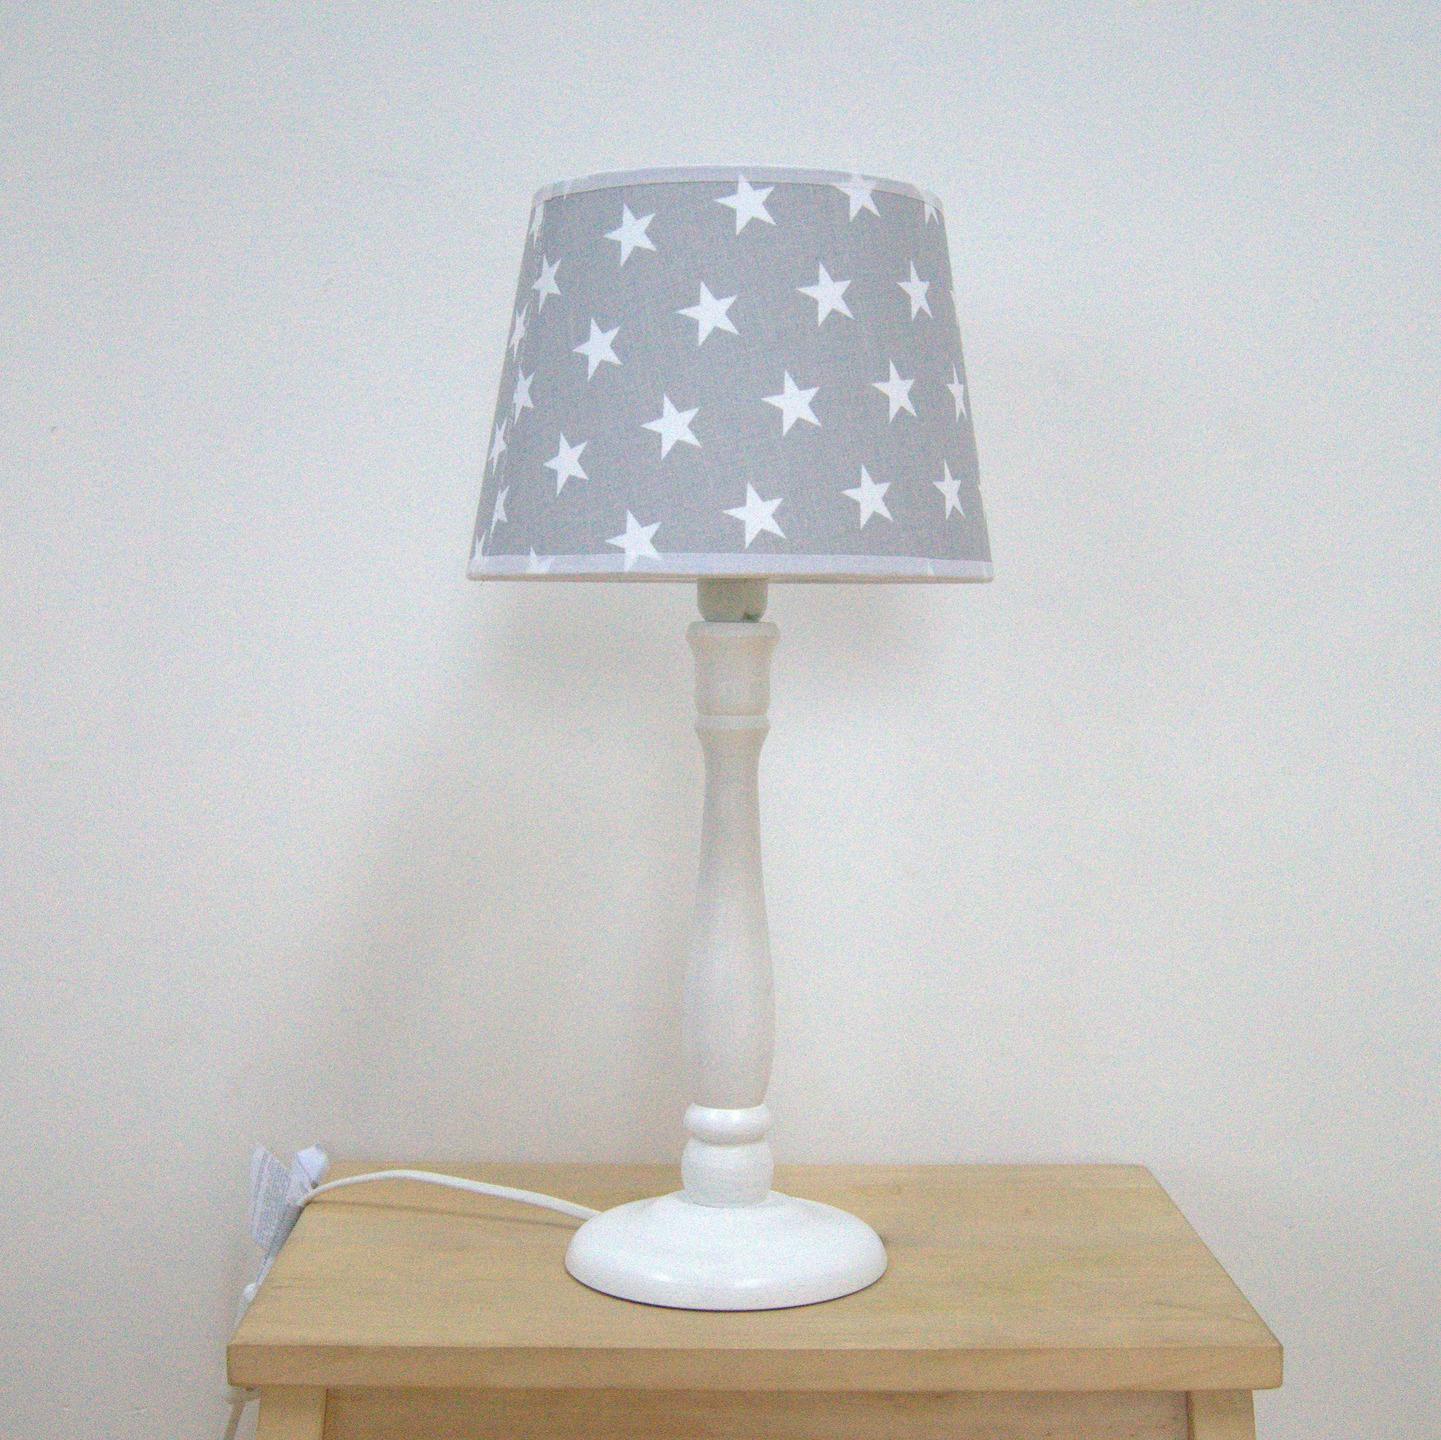 Lampe de chevet avec etoile